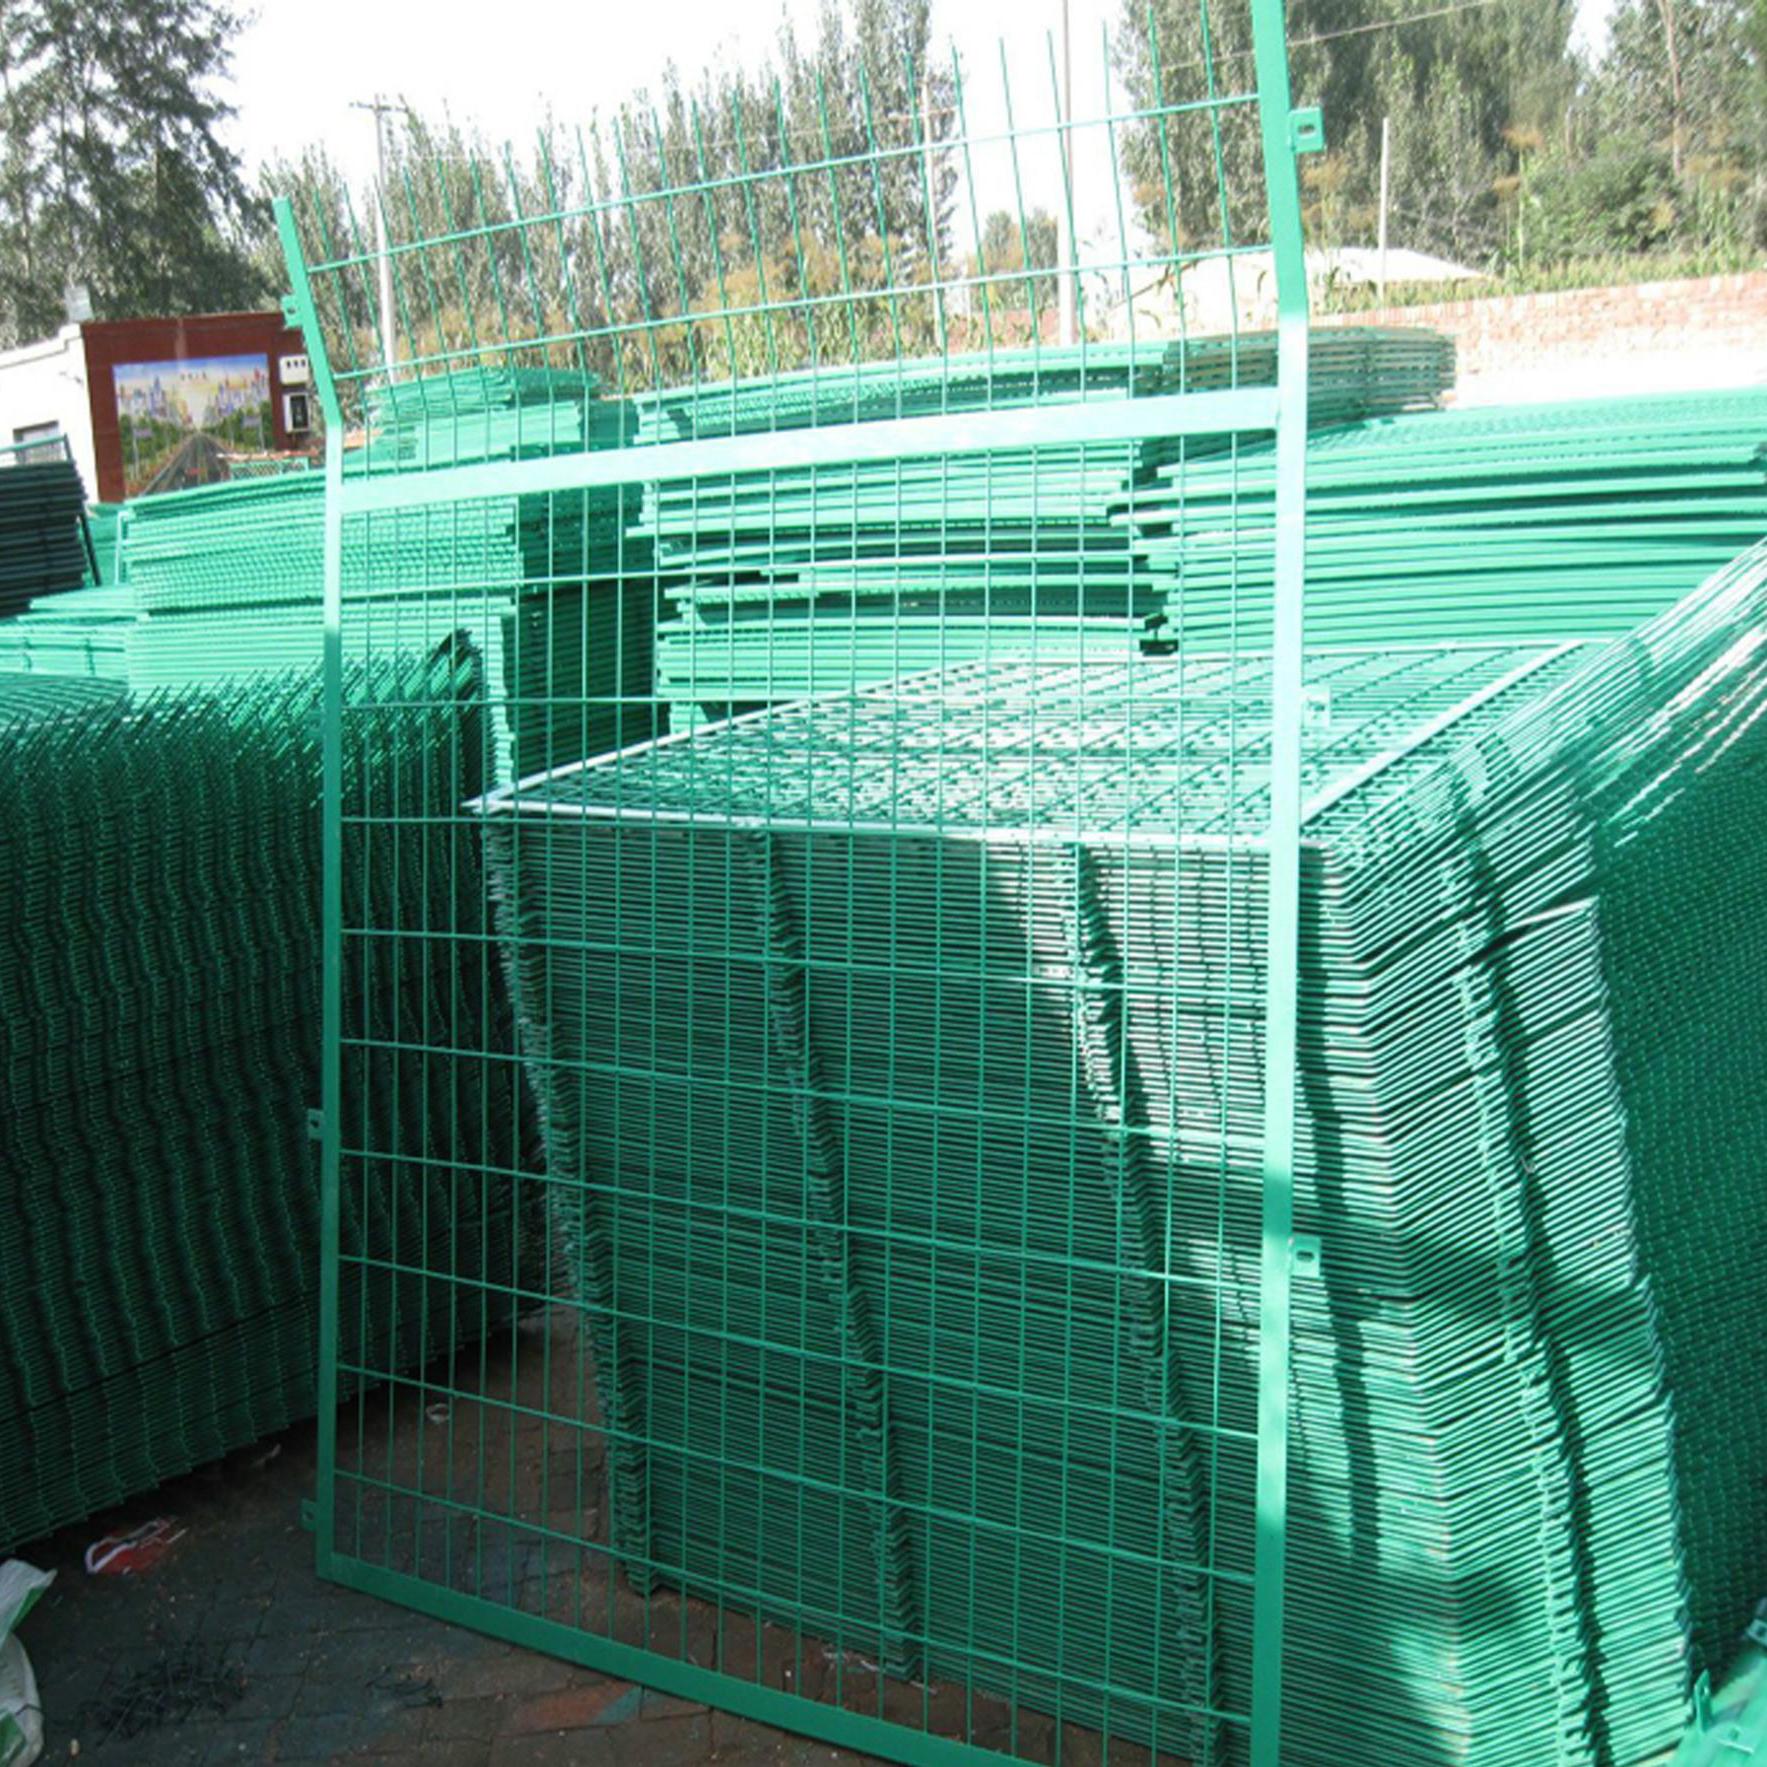 铁丝防护网 篮球场防护网实力厂家 祥子 铁丝防护网实力厂家